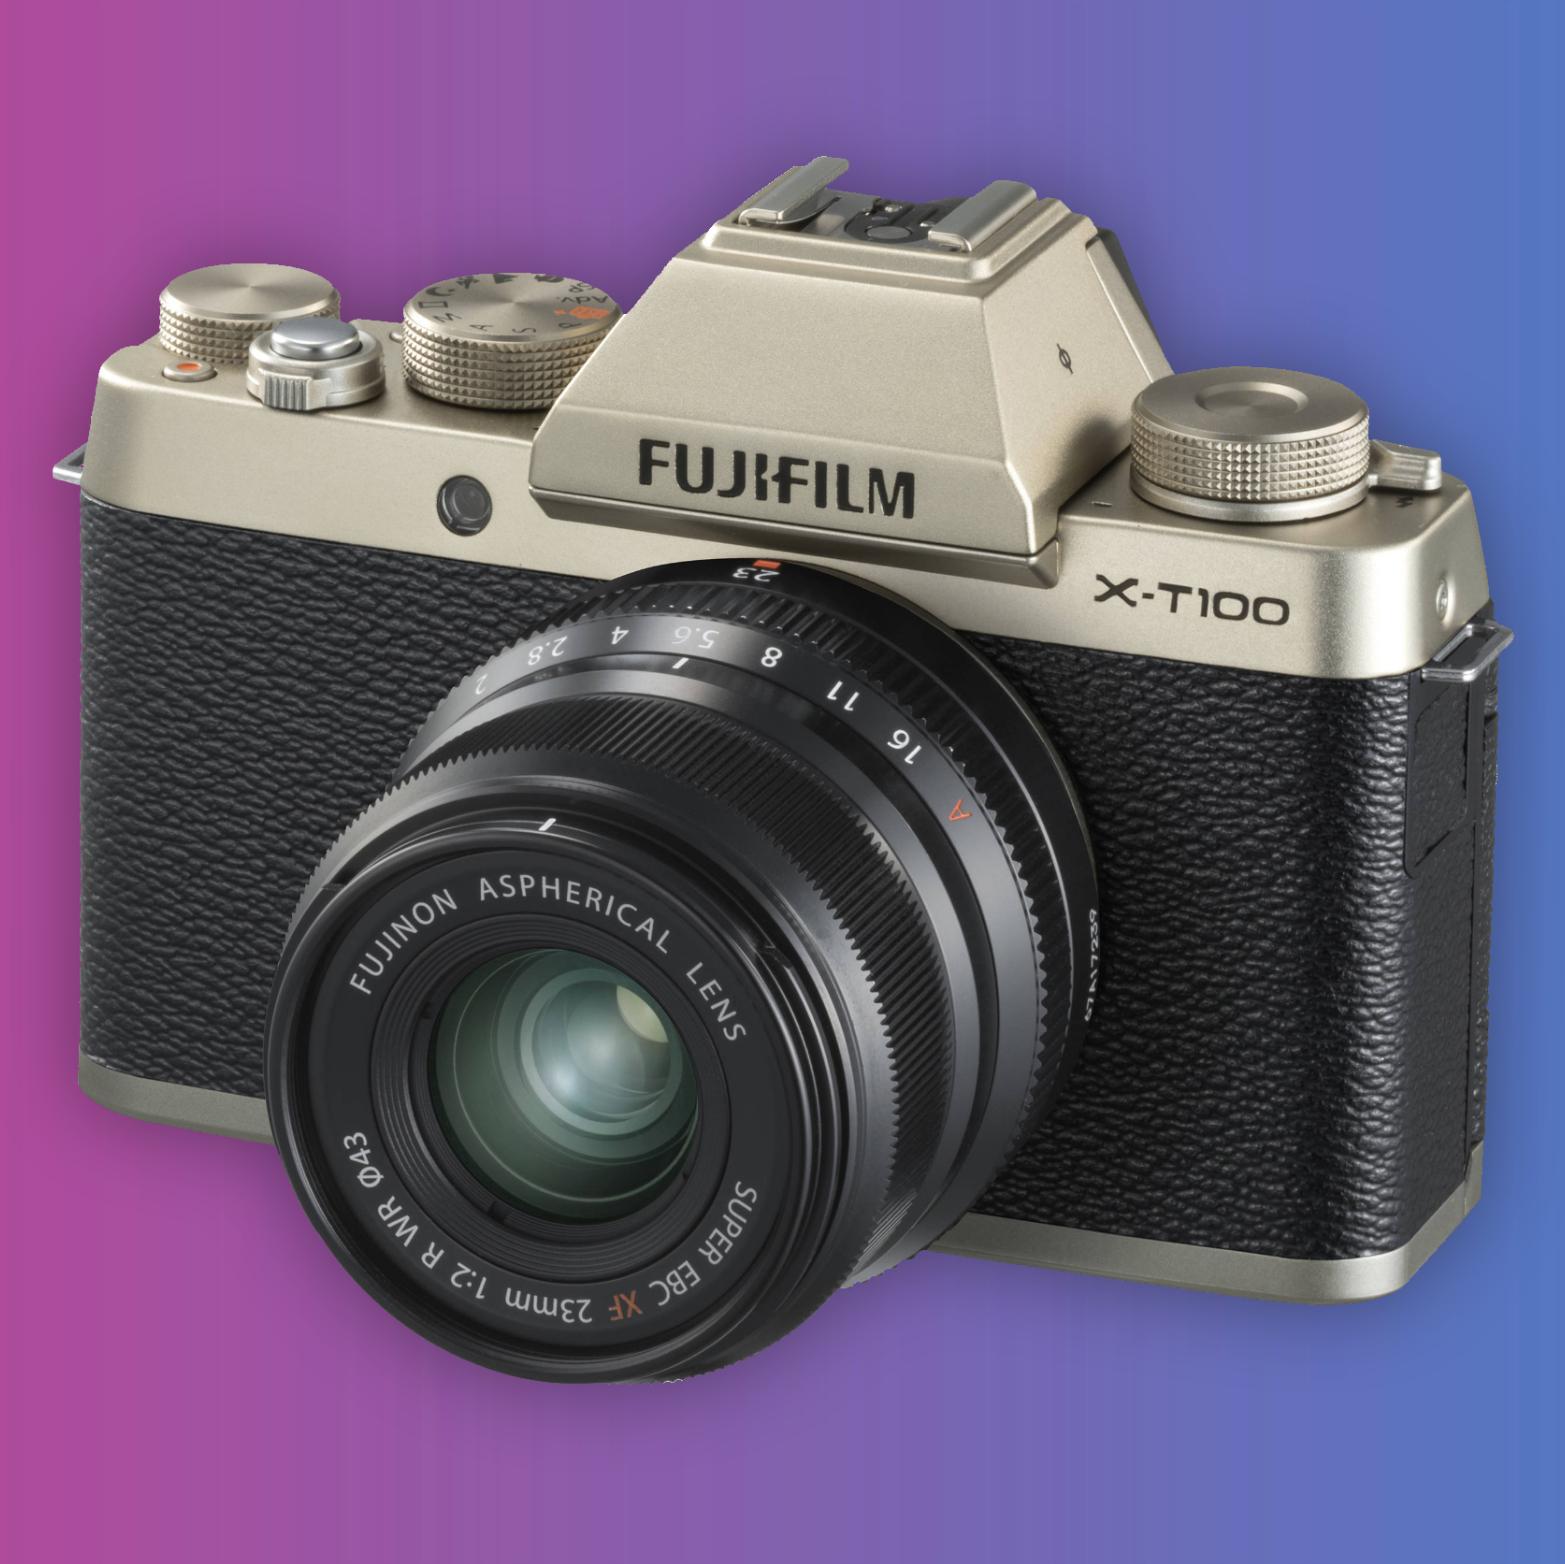 Fujifilm X-T100: Systemkamera Kit 15-45mm F3.5-5.6 Objektiv